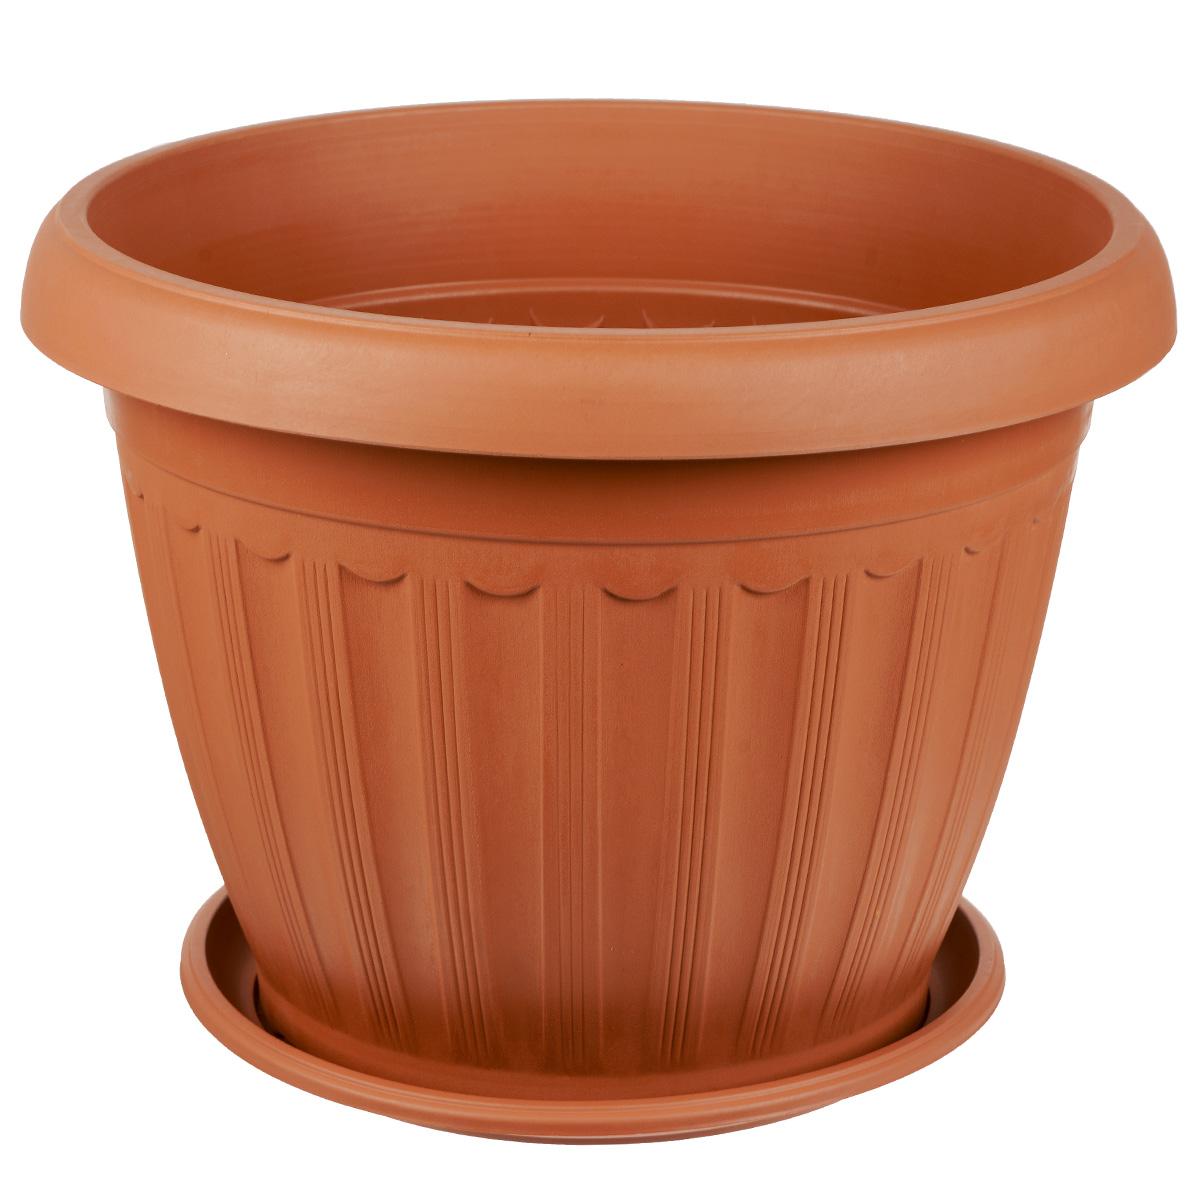 Кашпо Greenell Церера, с поддоном, цвет: терракотовый, 15 лХТ2009Кашпо Greenell Церера изготовлено из высококачественного пластика. Специальный поддон предназначен для стока воды. Изделие прекрасно подходит для выращивания растений и цветов в домашних условиях. Лаконичный дизайн впишется в интерьер любого помещения. Объем: 15 л. Диаметр поддона: 26,5 см.